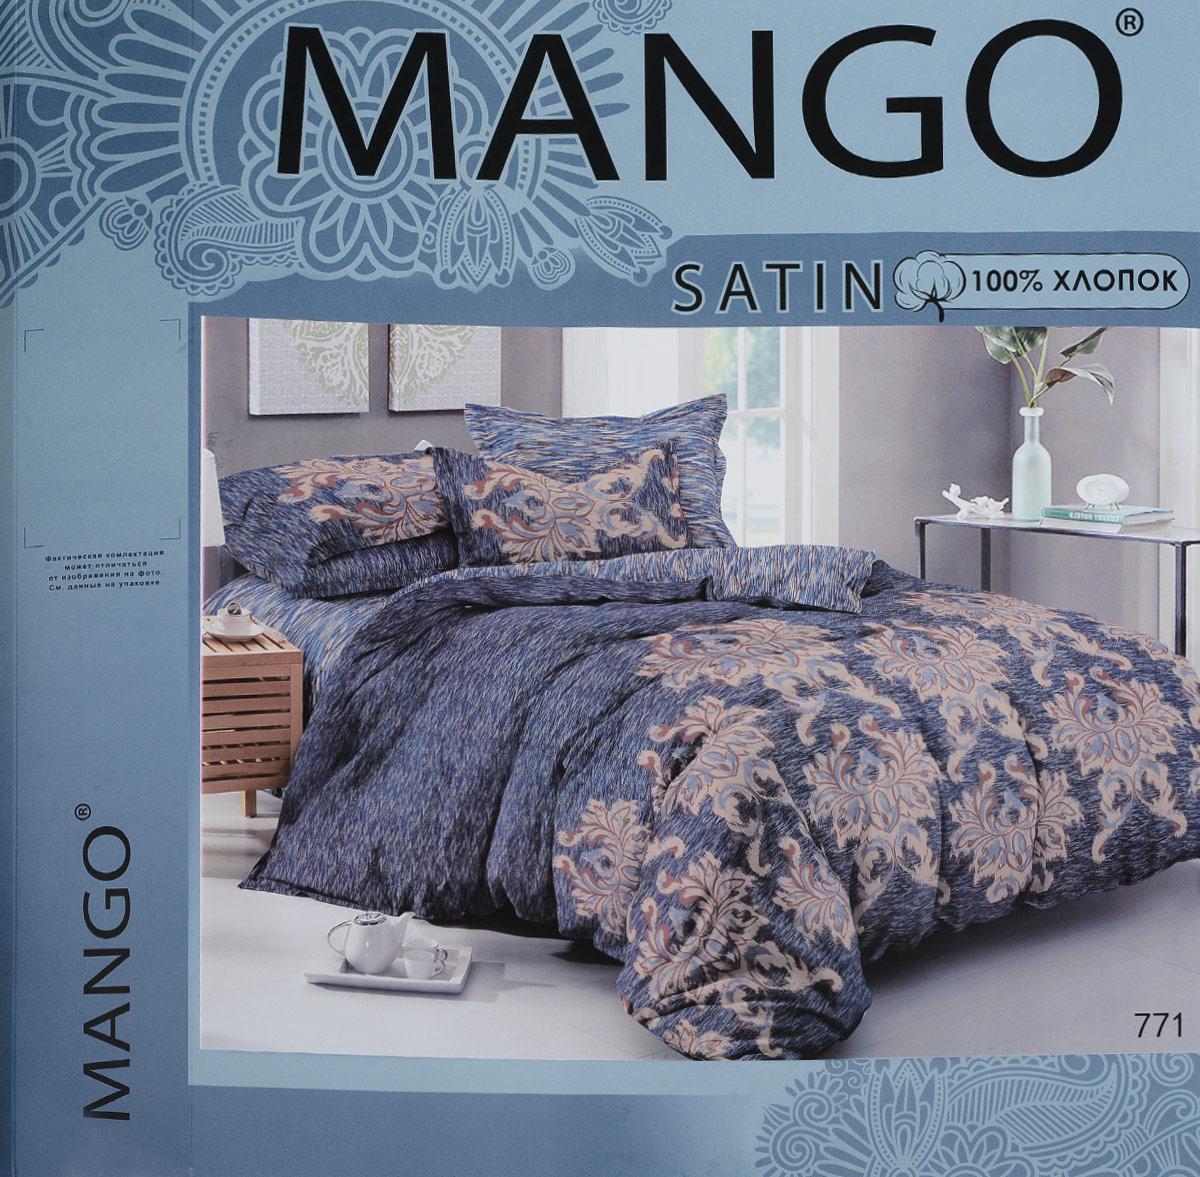 Комплект постельного белья Mango, 2-спальный, наволочки 70х70 комплект белья mirarossi sofia 2 спальный наволочки 70х70 цвет кремовый зеленый сиреневый